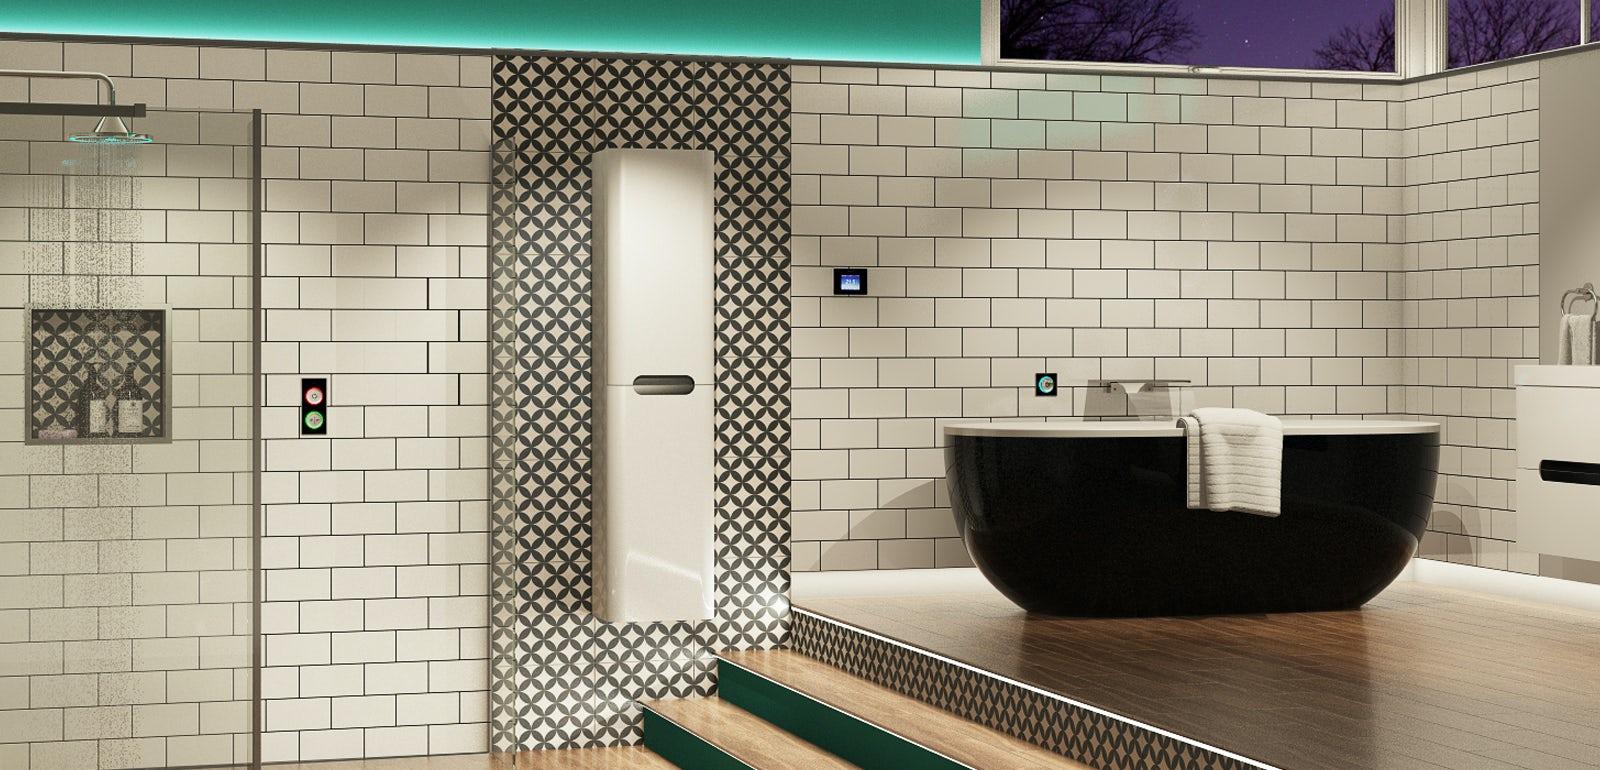 Bathroom ideas: Future Fusion